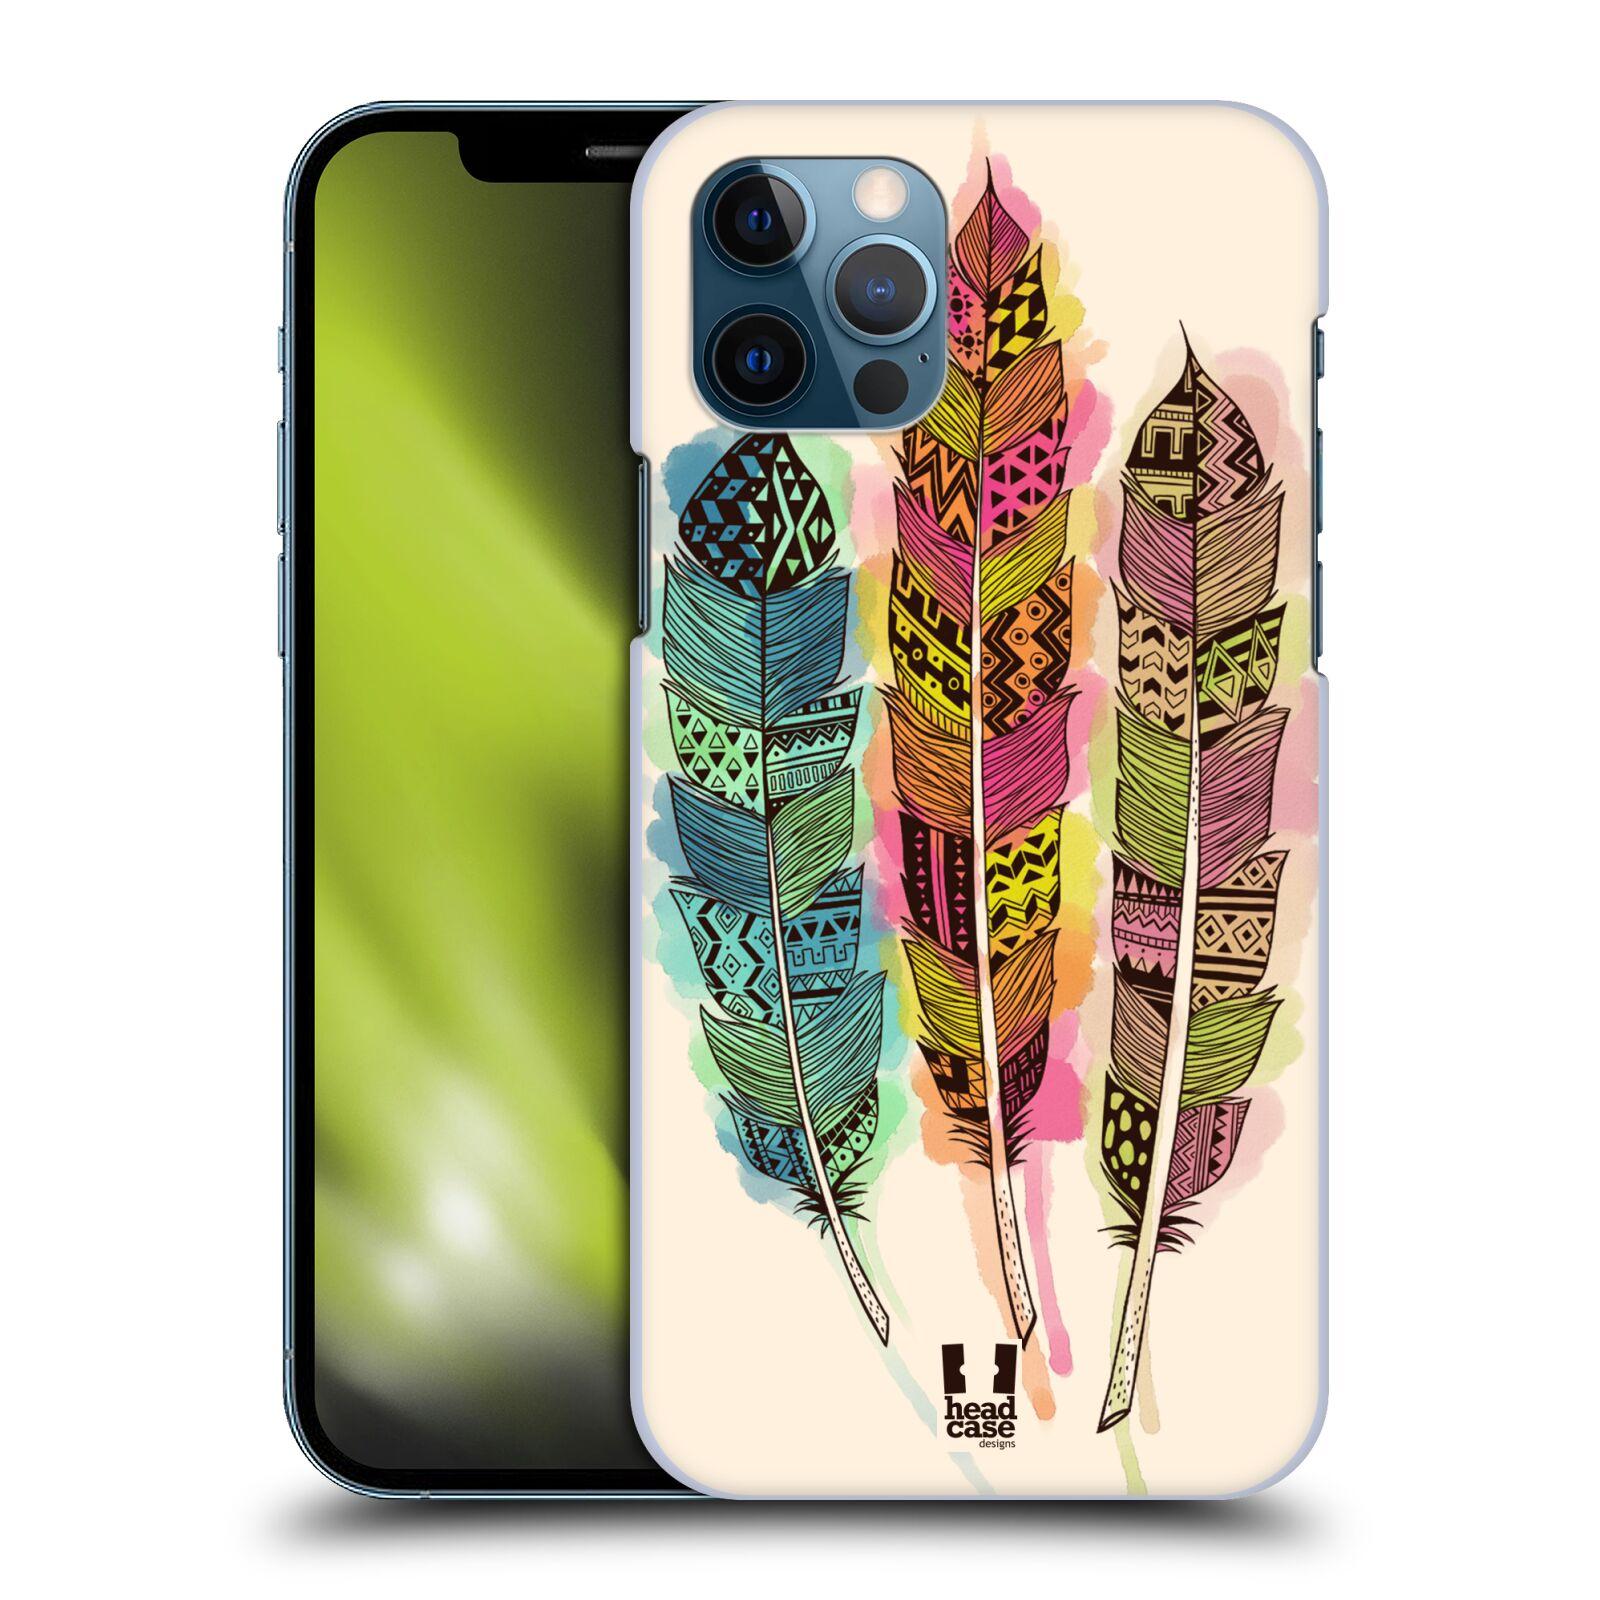 Plastové pouzdro na mobil Apple iPhone 12 / 12 Pro - Head Case - AZTEC PÍRKA SPLASH